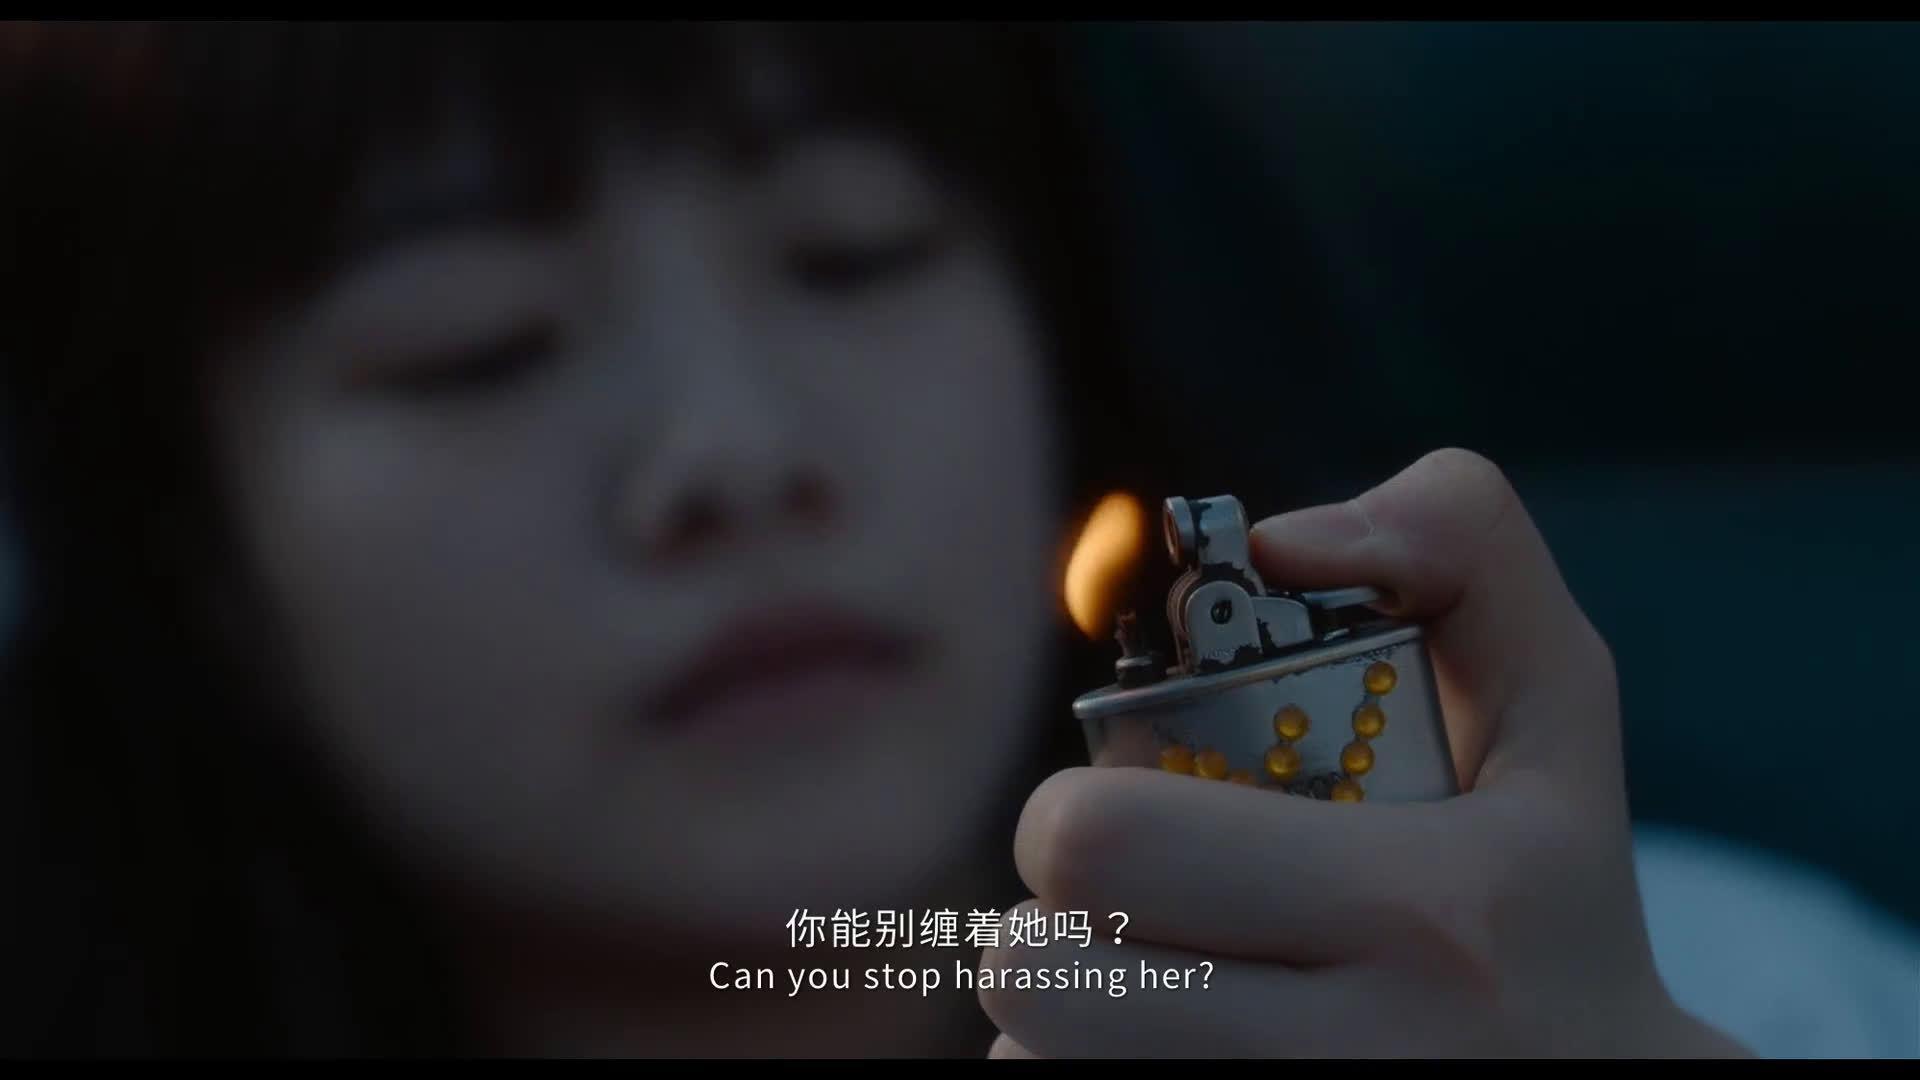 由青葱计划导演申瑜执导,@李玉 、@方励 担任监制…………